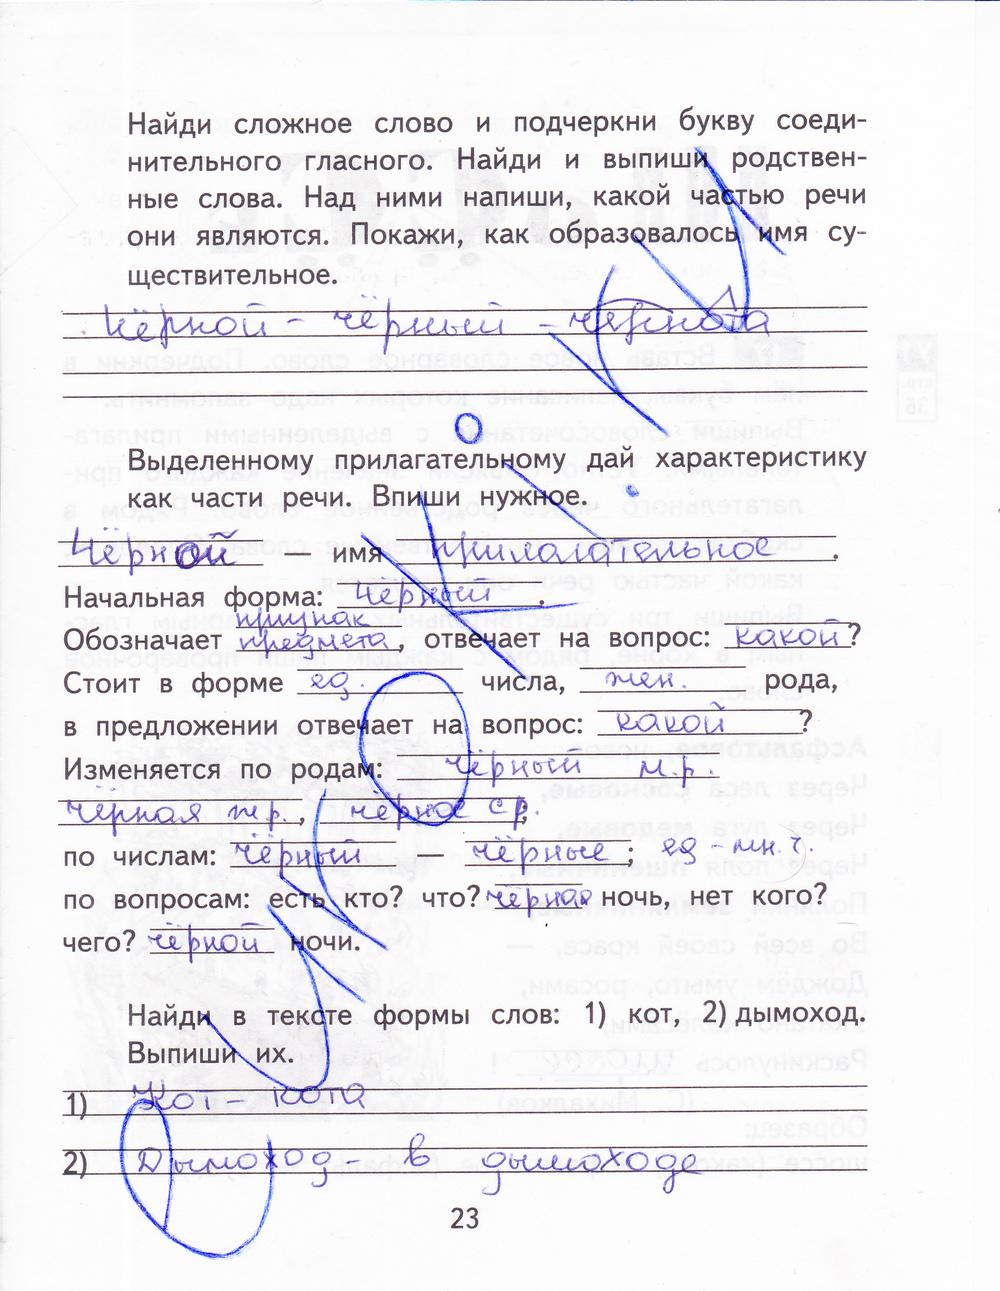 Русский язык 2 класс 1 часть решебник